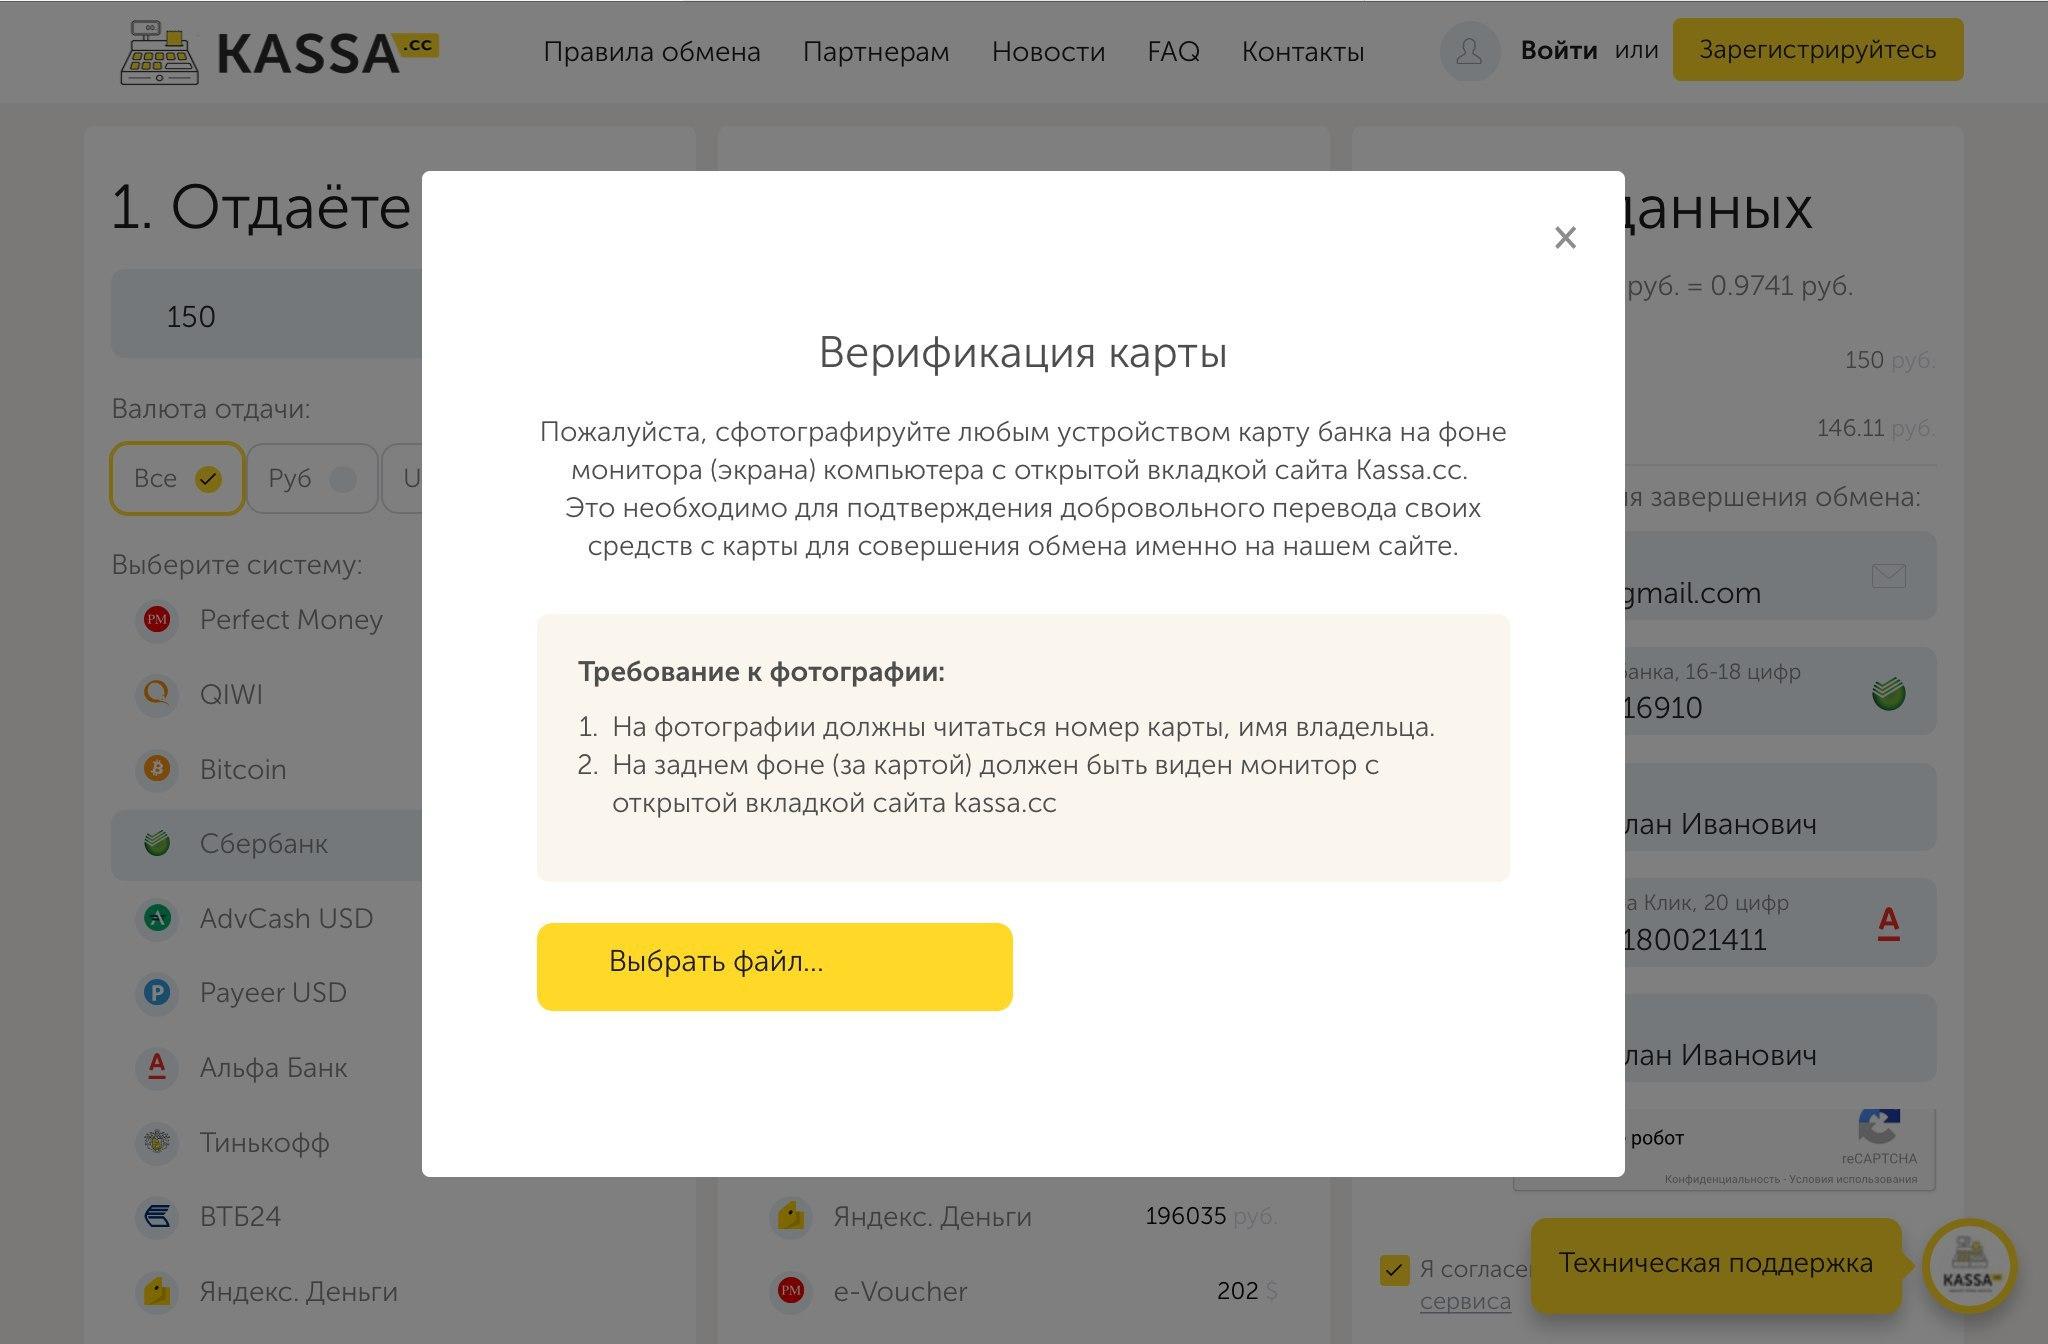 Kassa.cc - единый обмен валюты. Обмен Сбербанк на Альфа-Банк